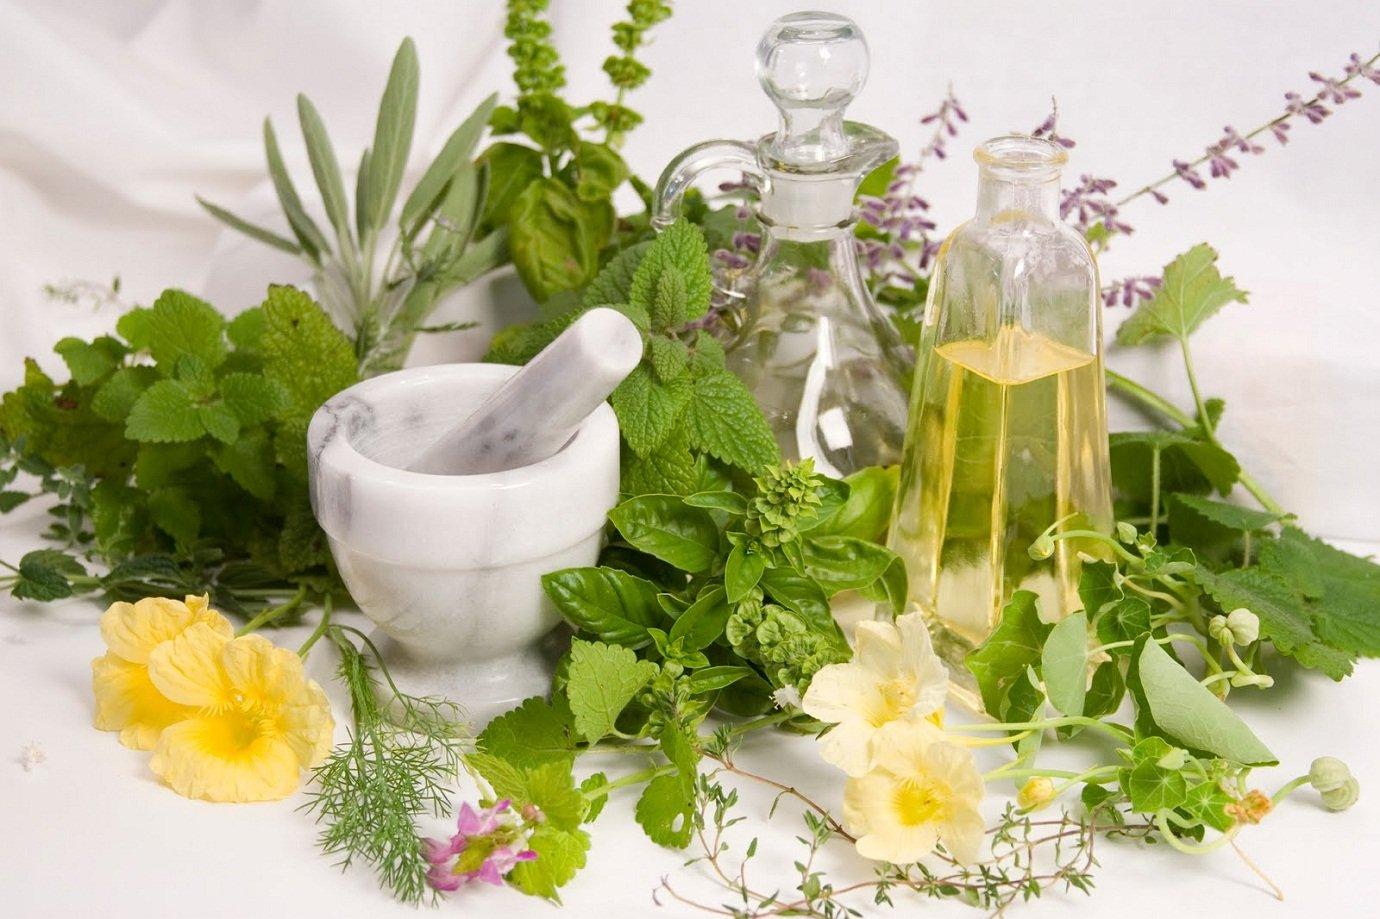 Эффективные народные средства для лечения бронхиальной астмы